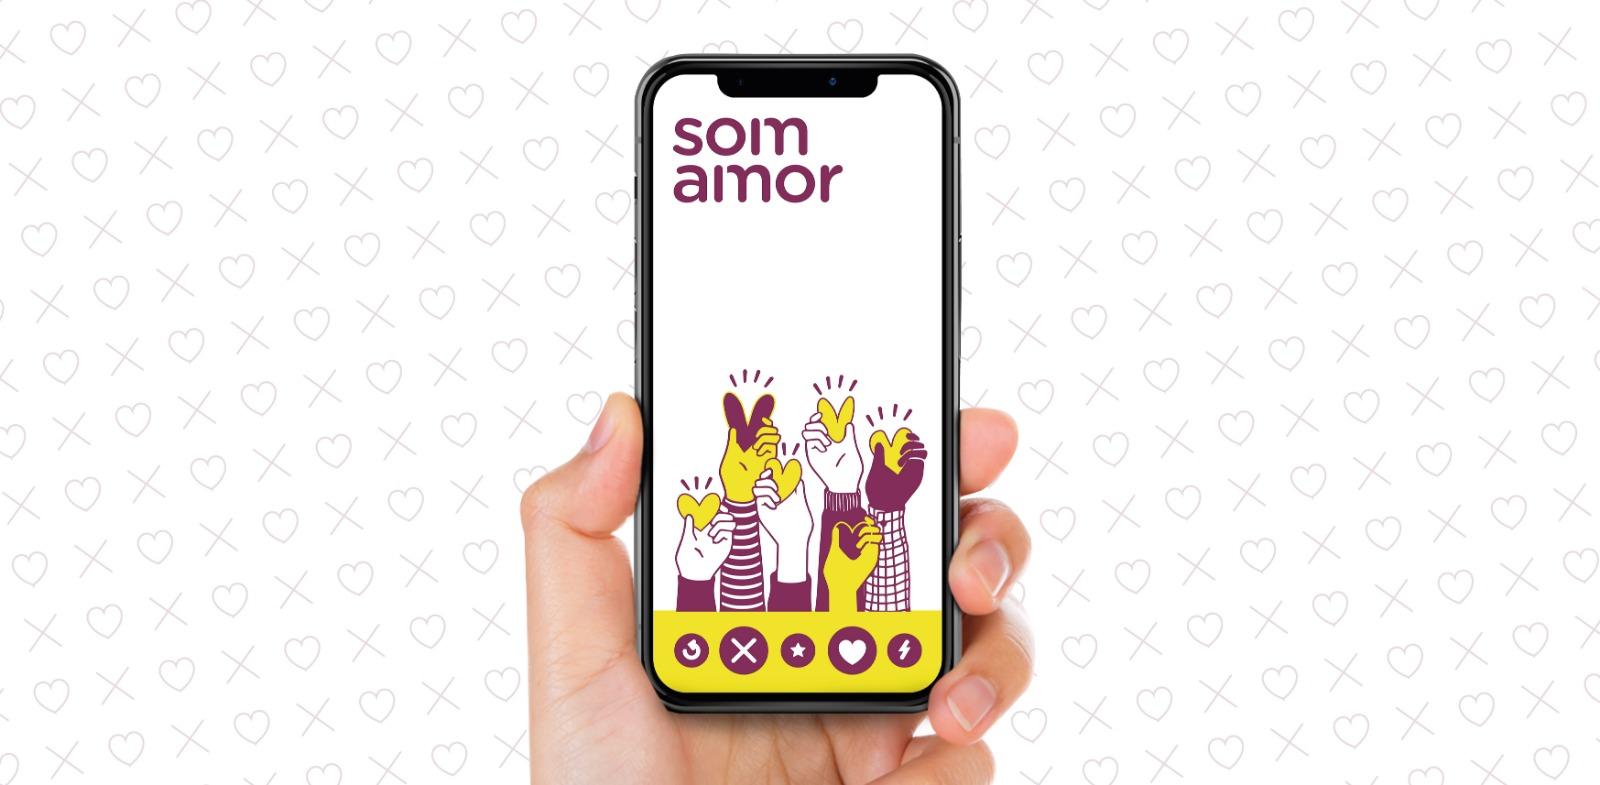 Somos Conexión Impulsa Una App Para Ligar De Forma ética Y Fomentar Las Relaciones Sostenibles En Tiempos De Confinamiento: Somos Amor